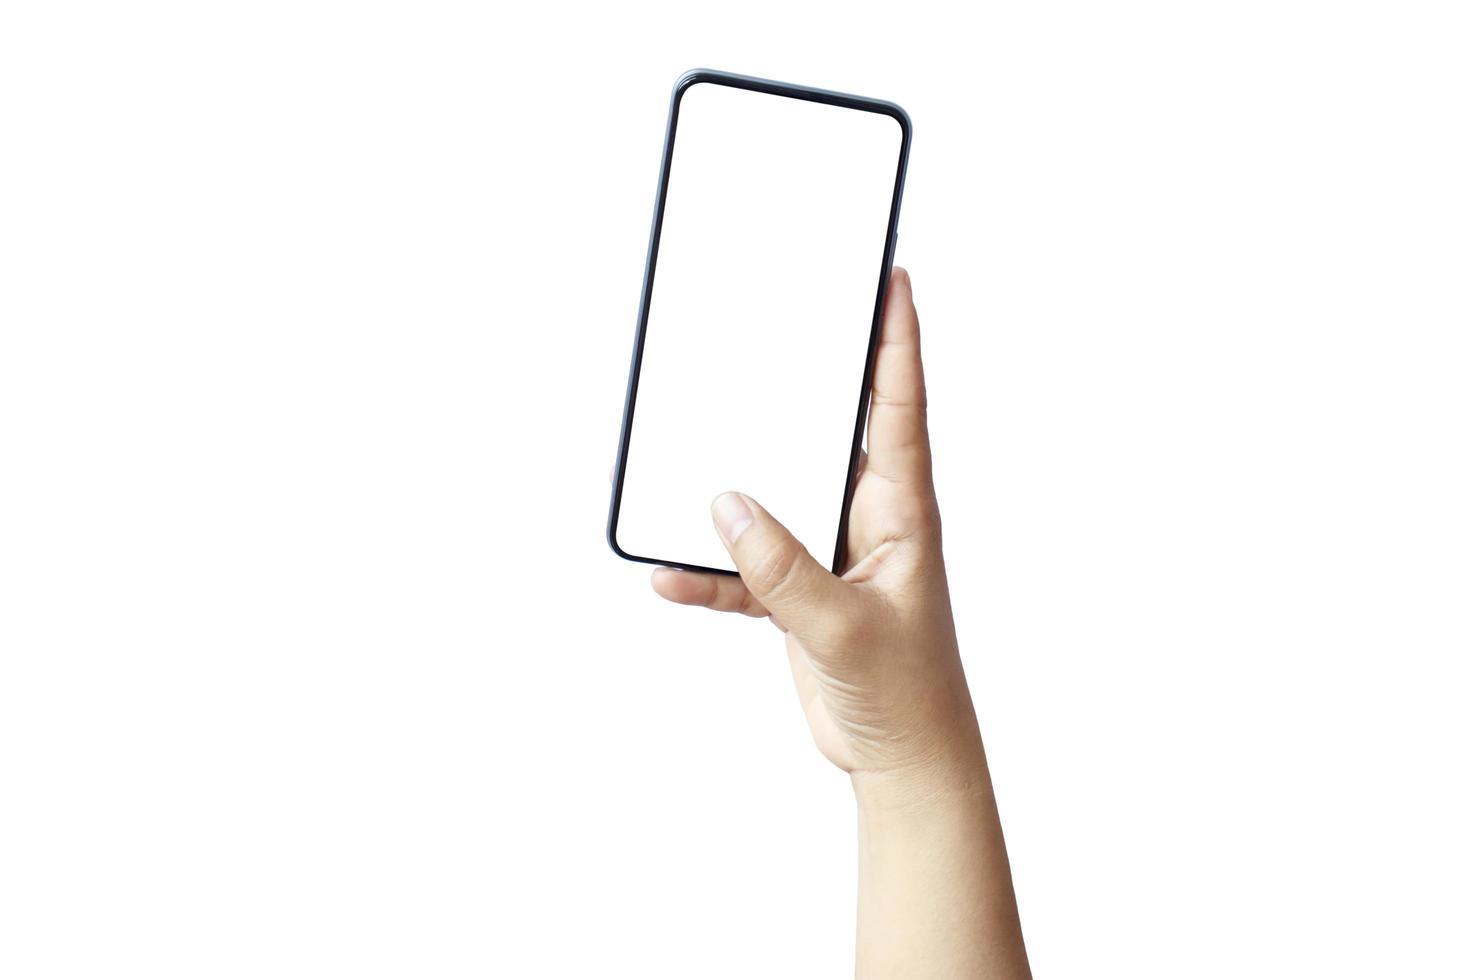 mobiles Smartphone mit stilvollem Design und einem leeren Bildschirm lokalisiert auf weißem Hintergrund mit dem Beschneidungspfad foto